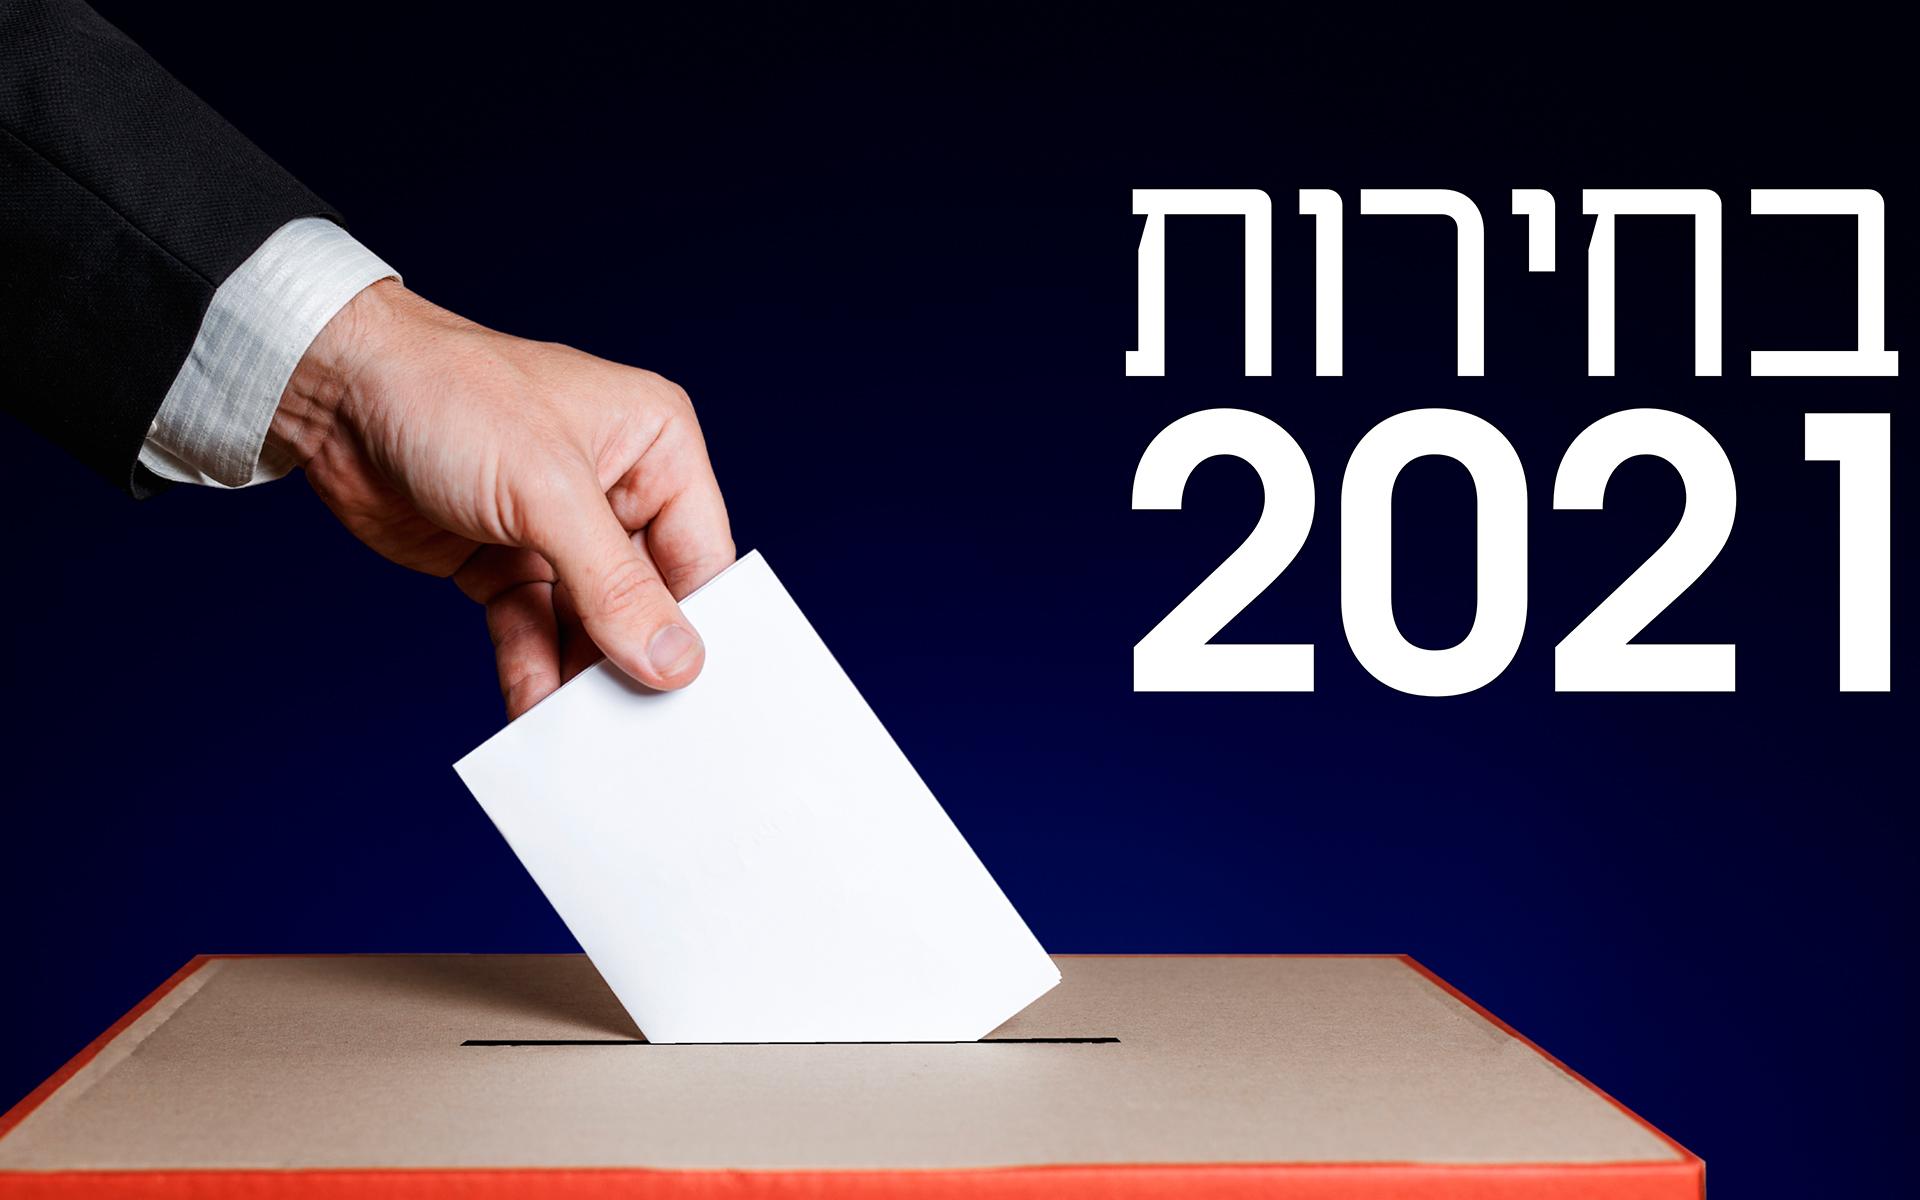 Странная страна есть в мире странная: Израиль на пороге перемен?